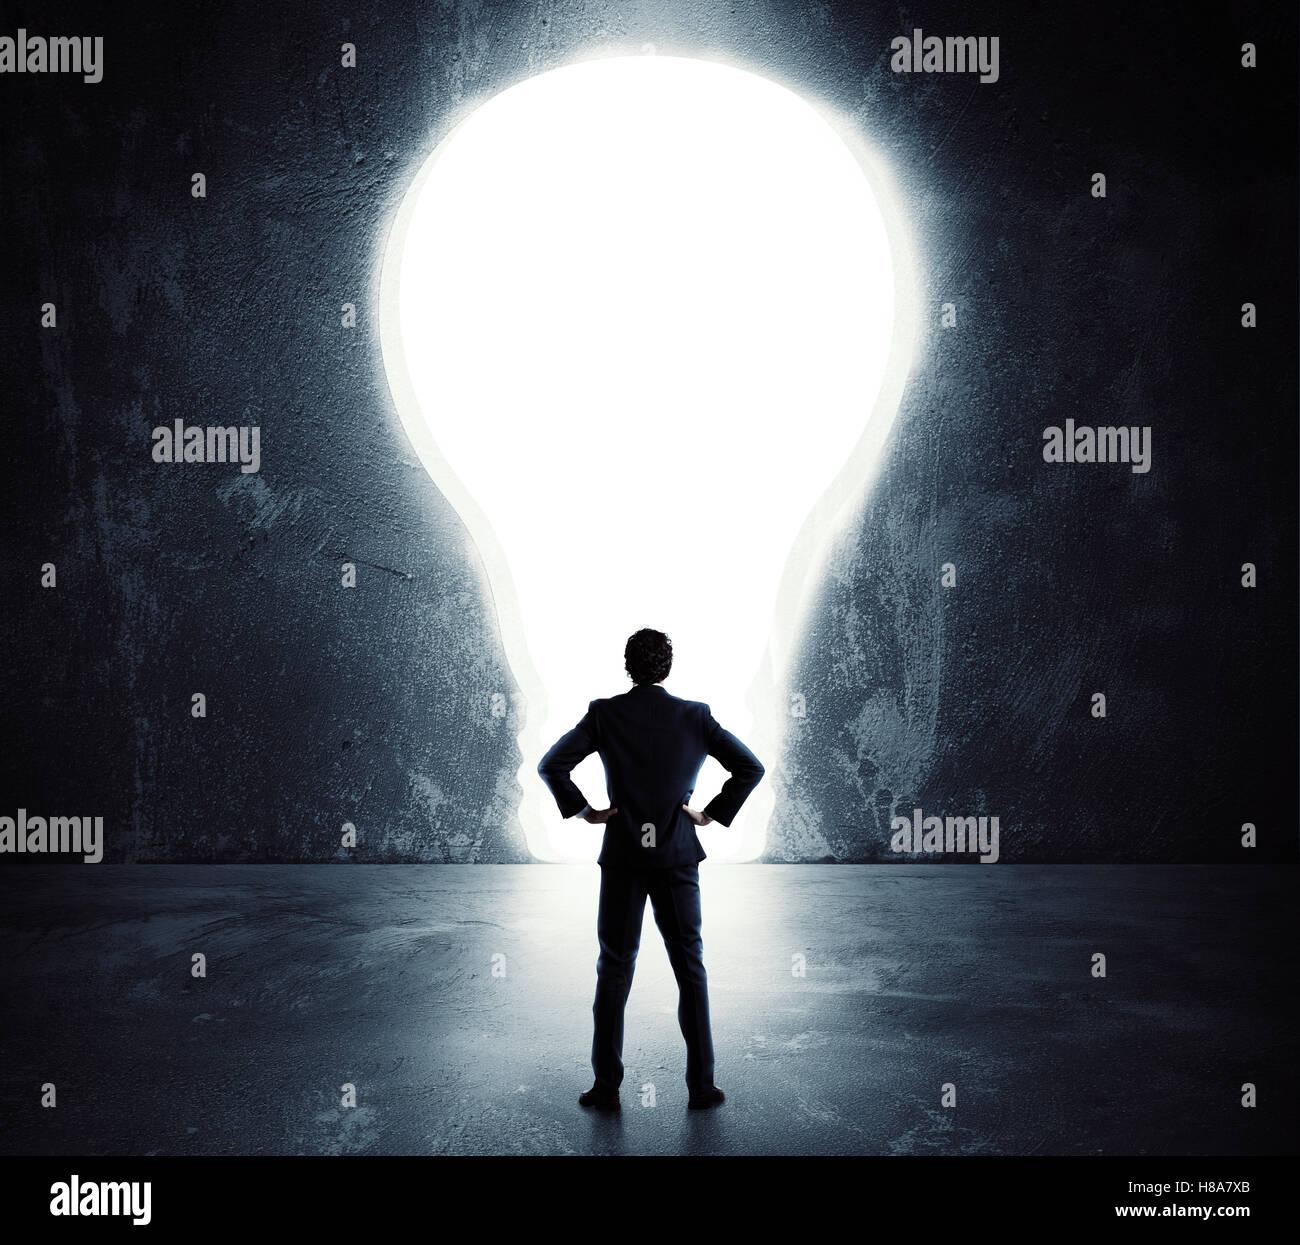 Lightbulb door - Stock Image